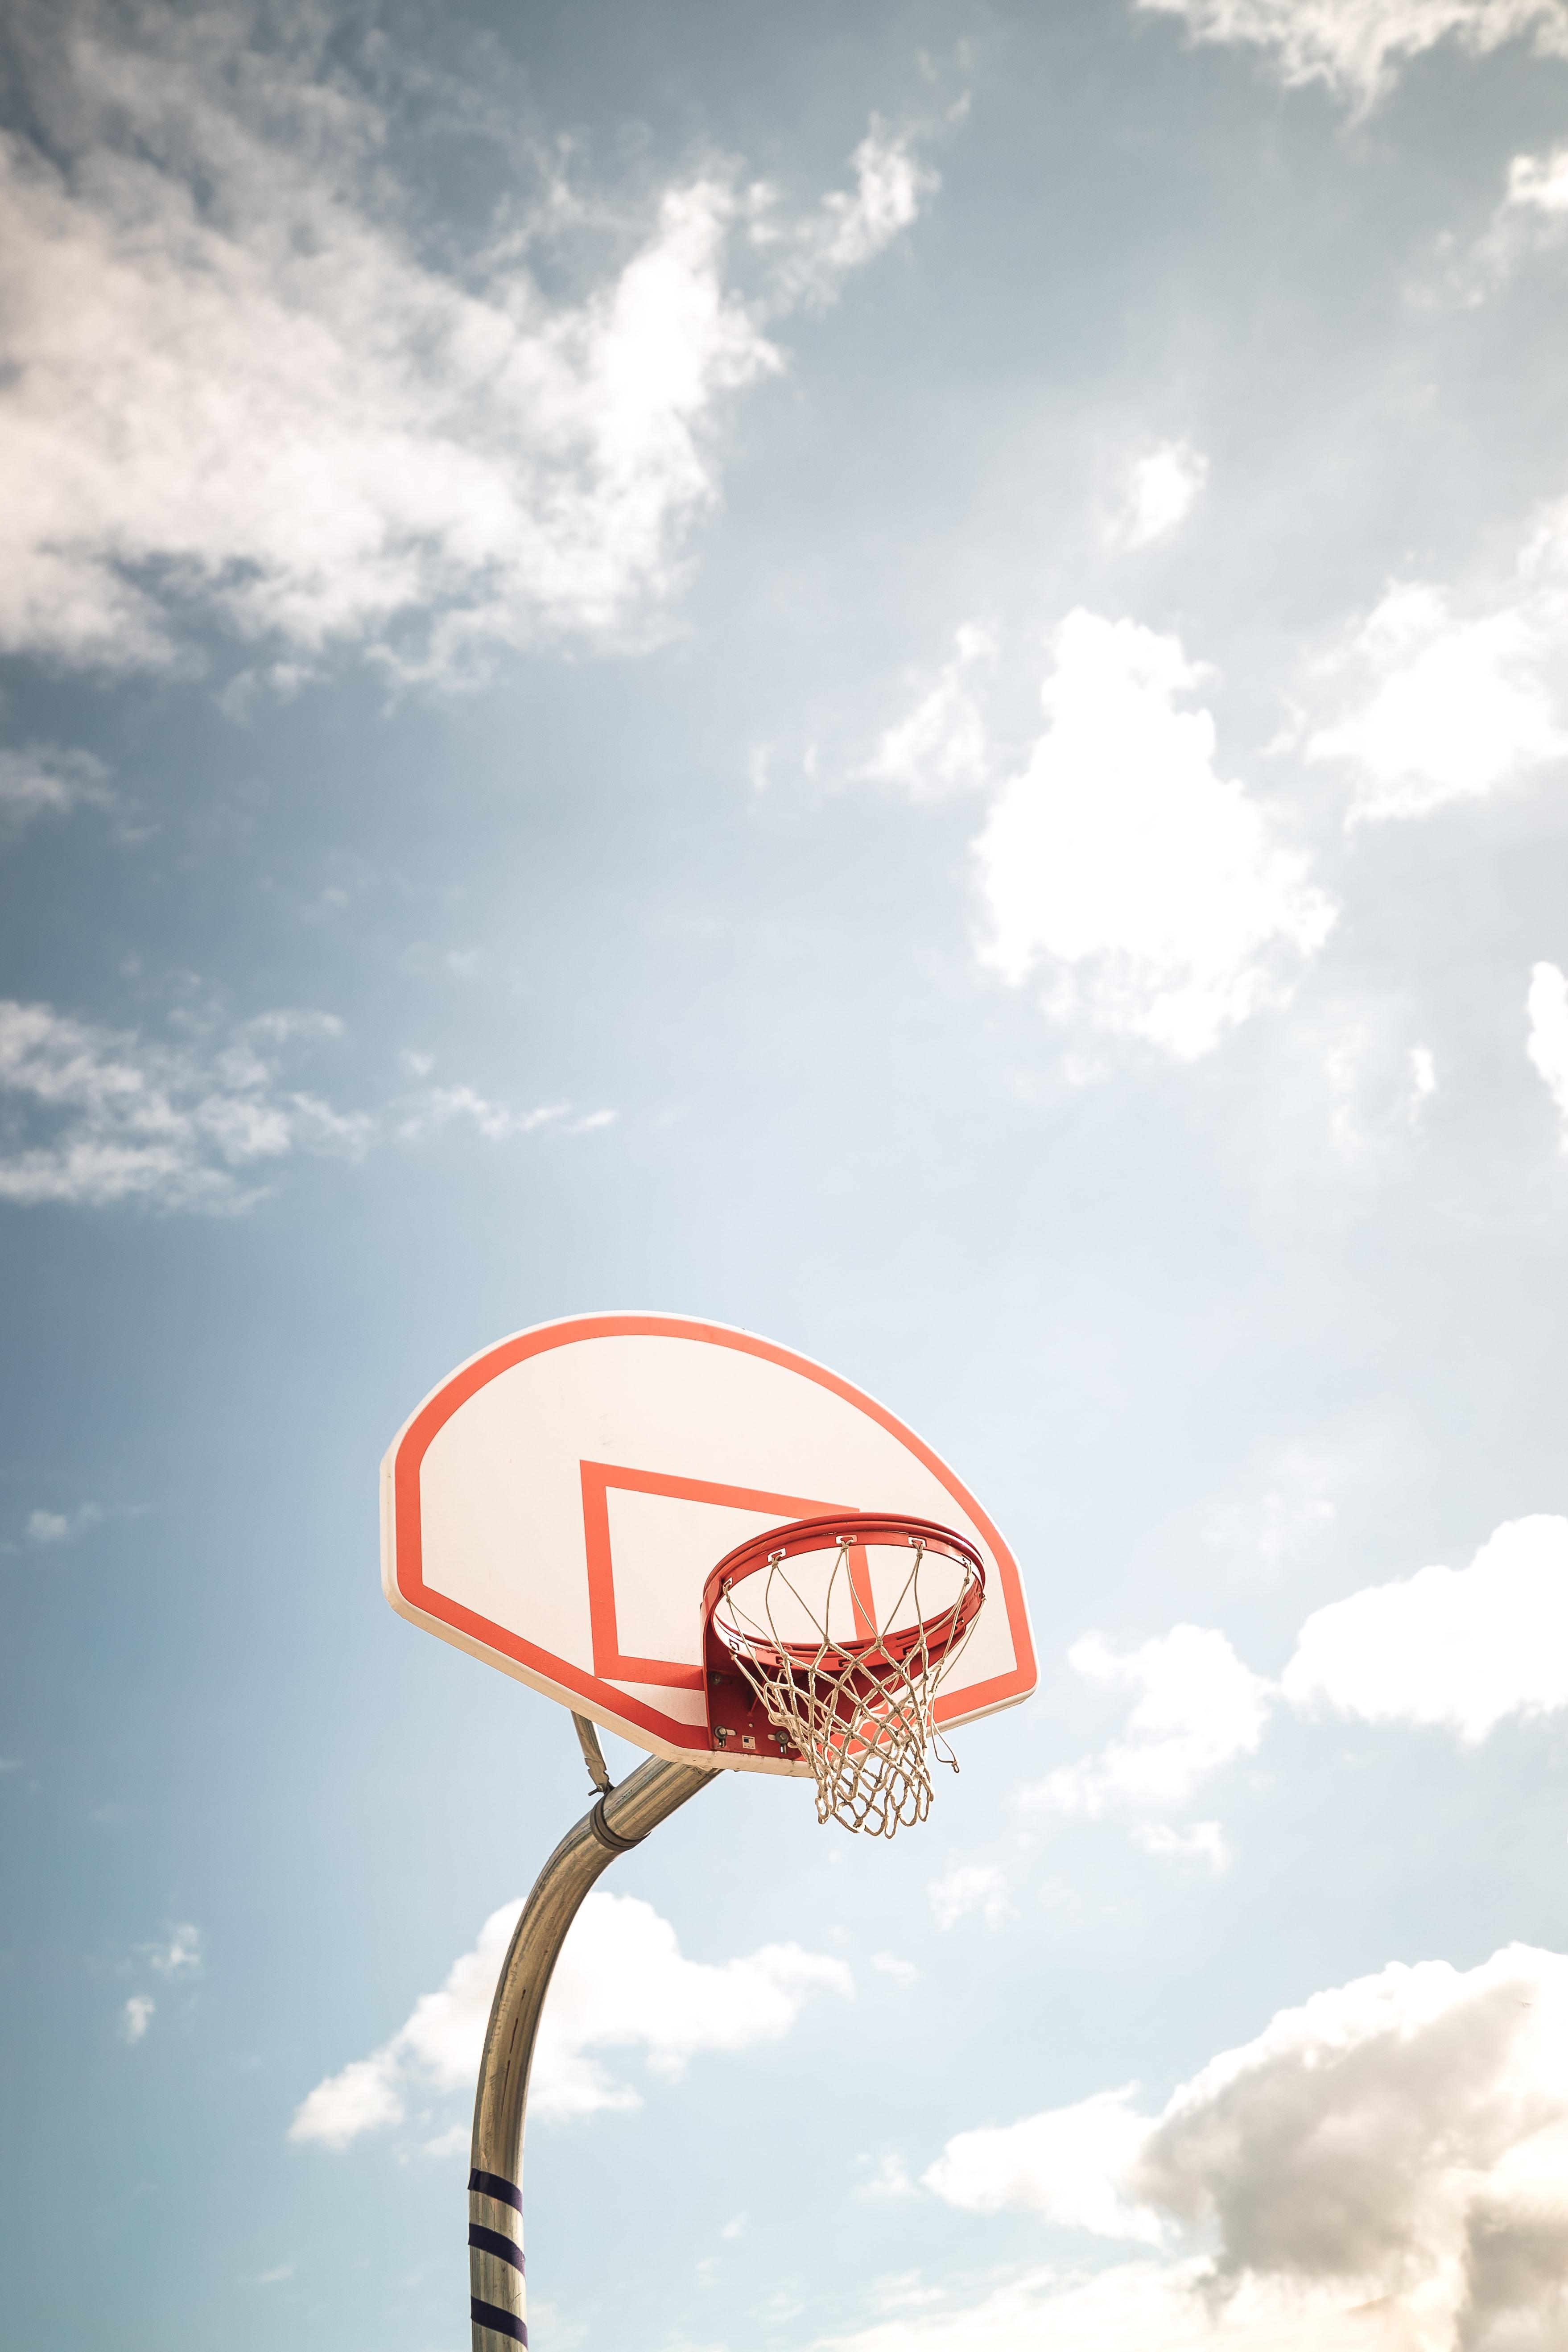 136858 скачать обои Спорт, Баскетбол, Баскетбольное Кольцо, Баскетбольный Щит, Небо - заставки и картинки бесплатно